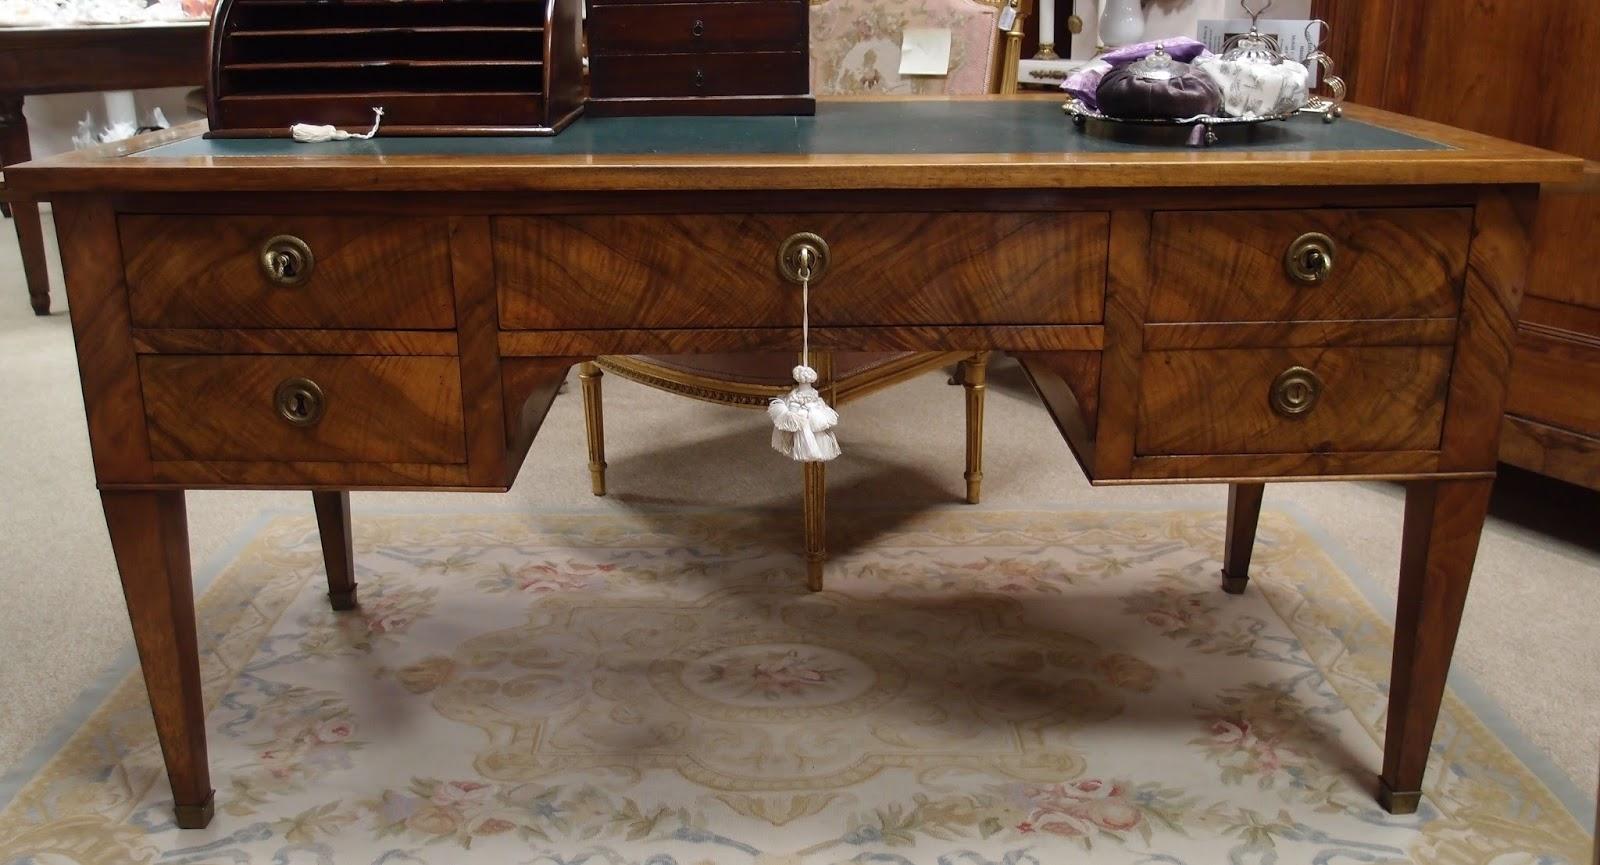 La pagina dei mobili antichit bellini for Regalo mobili antichi